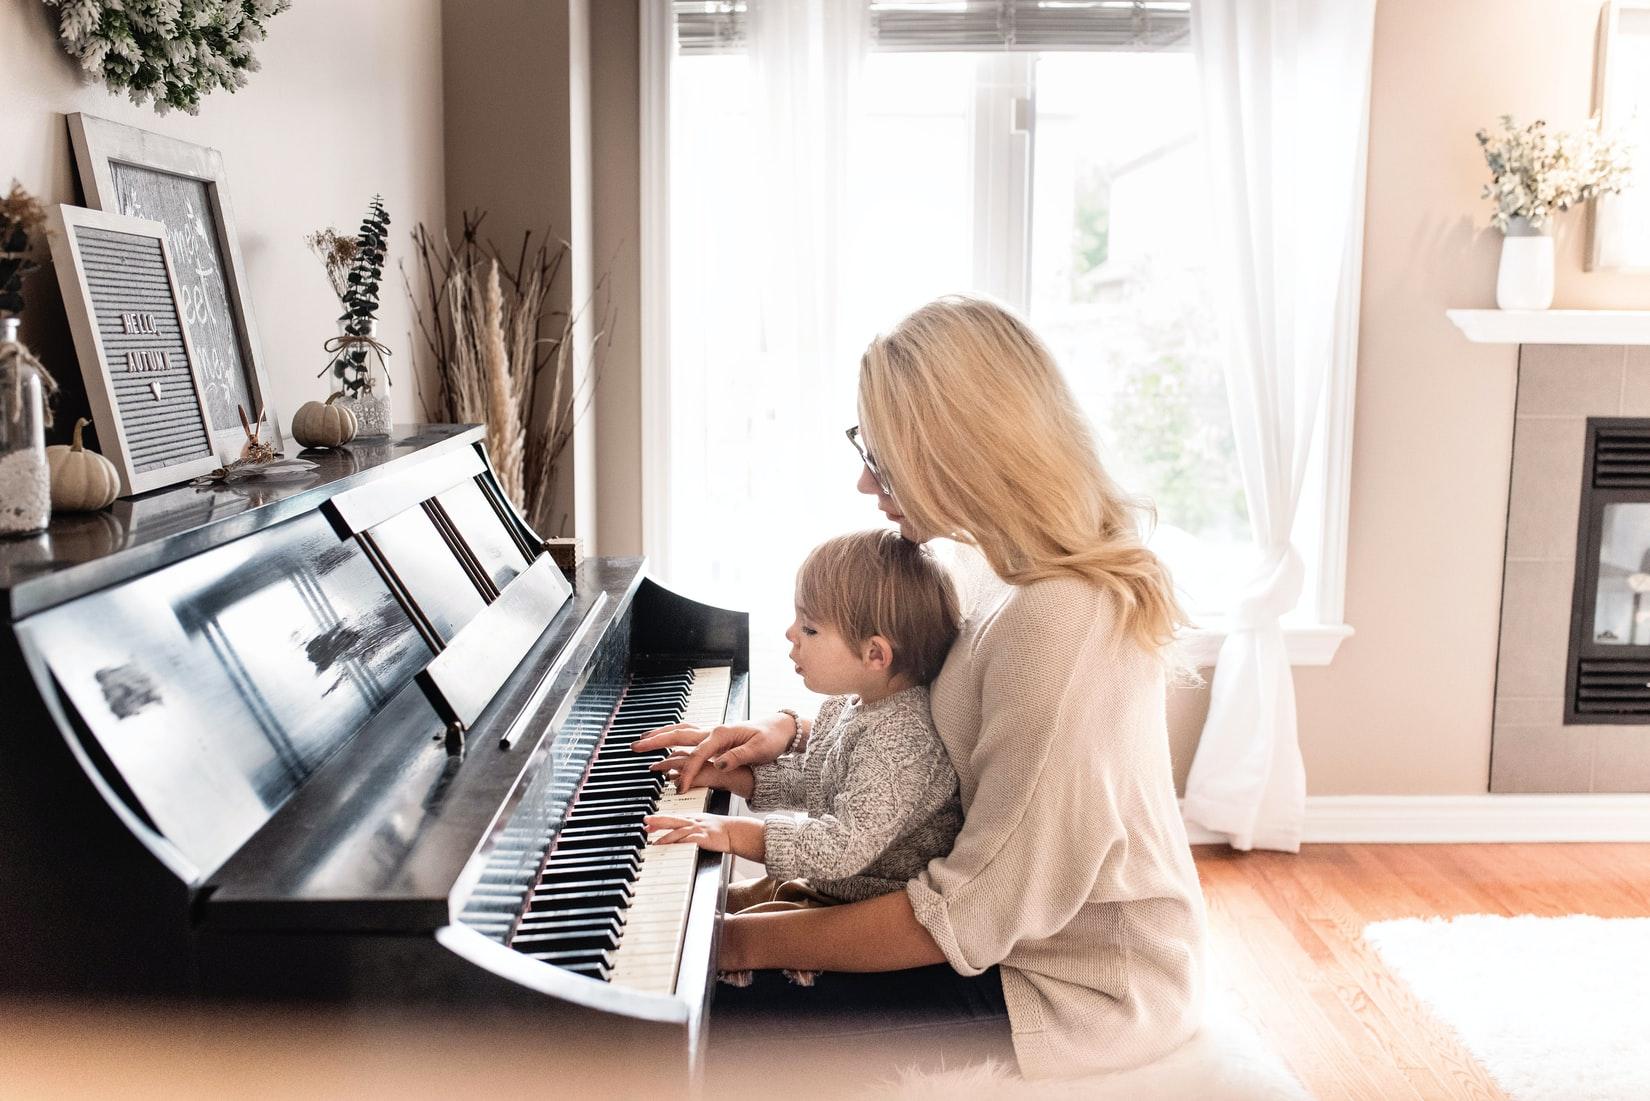 Solfège piano, les pratiques à adopter pour lire rapidement